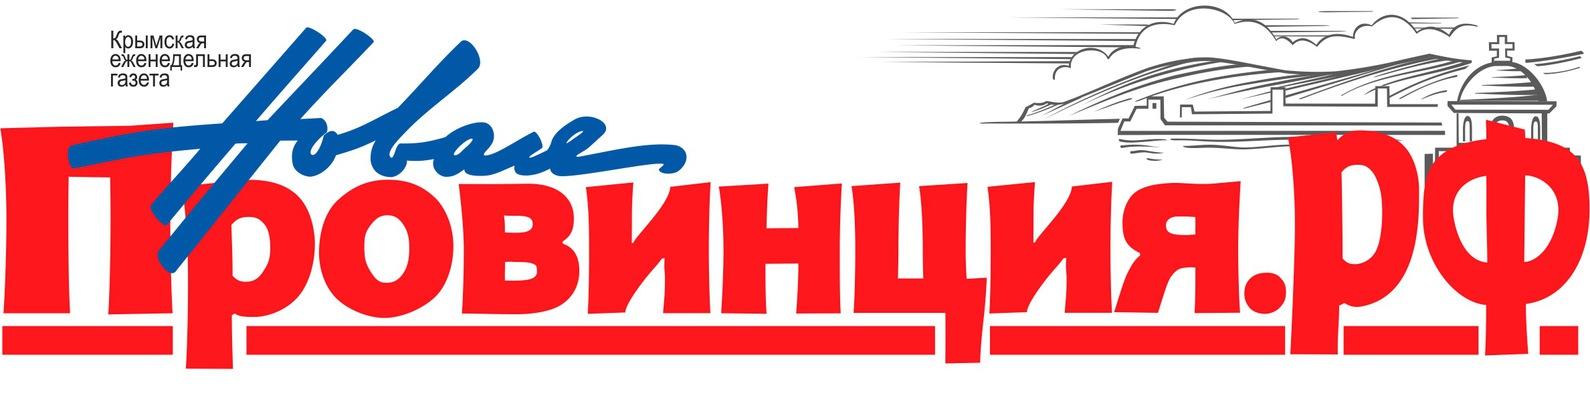 Газета провинция феодося дать бесплатное объявление доска объявлений о животных волгоградской области